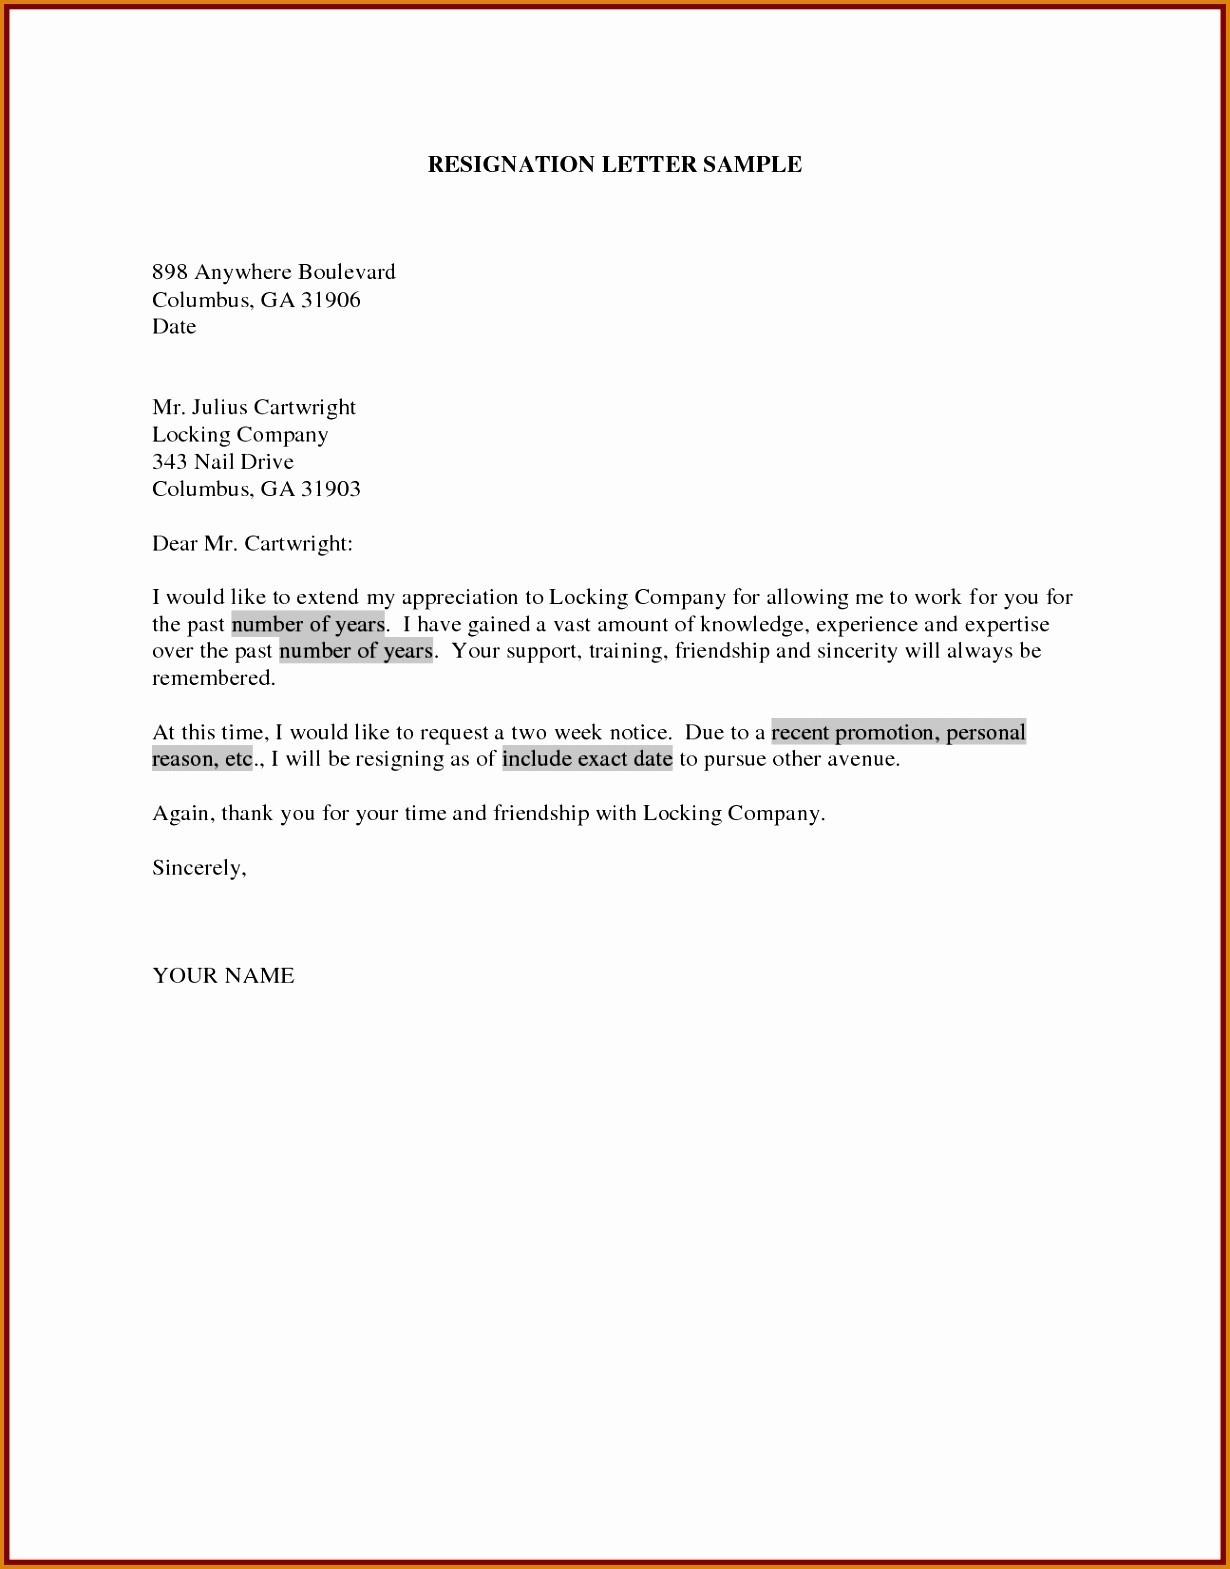 Resignation Letter Template Doc - Sample Resignation Letter Template Doc Copy Samples Resignation